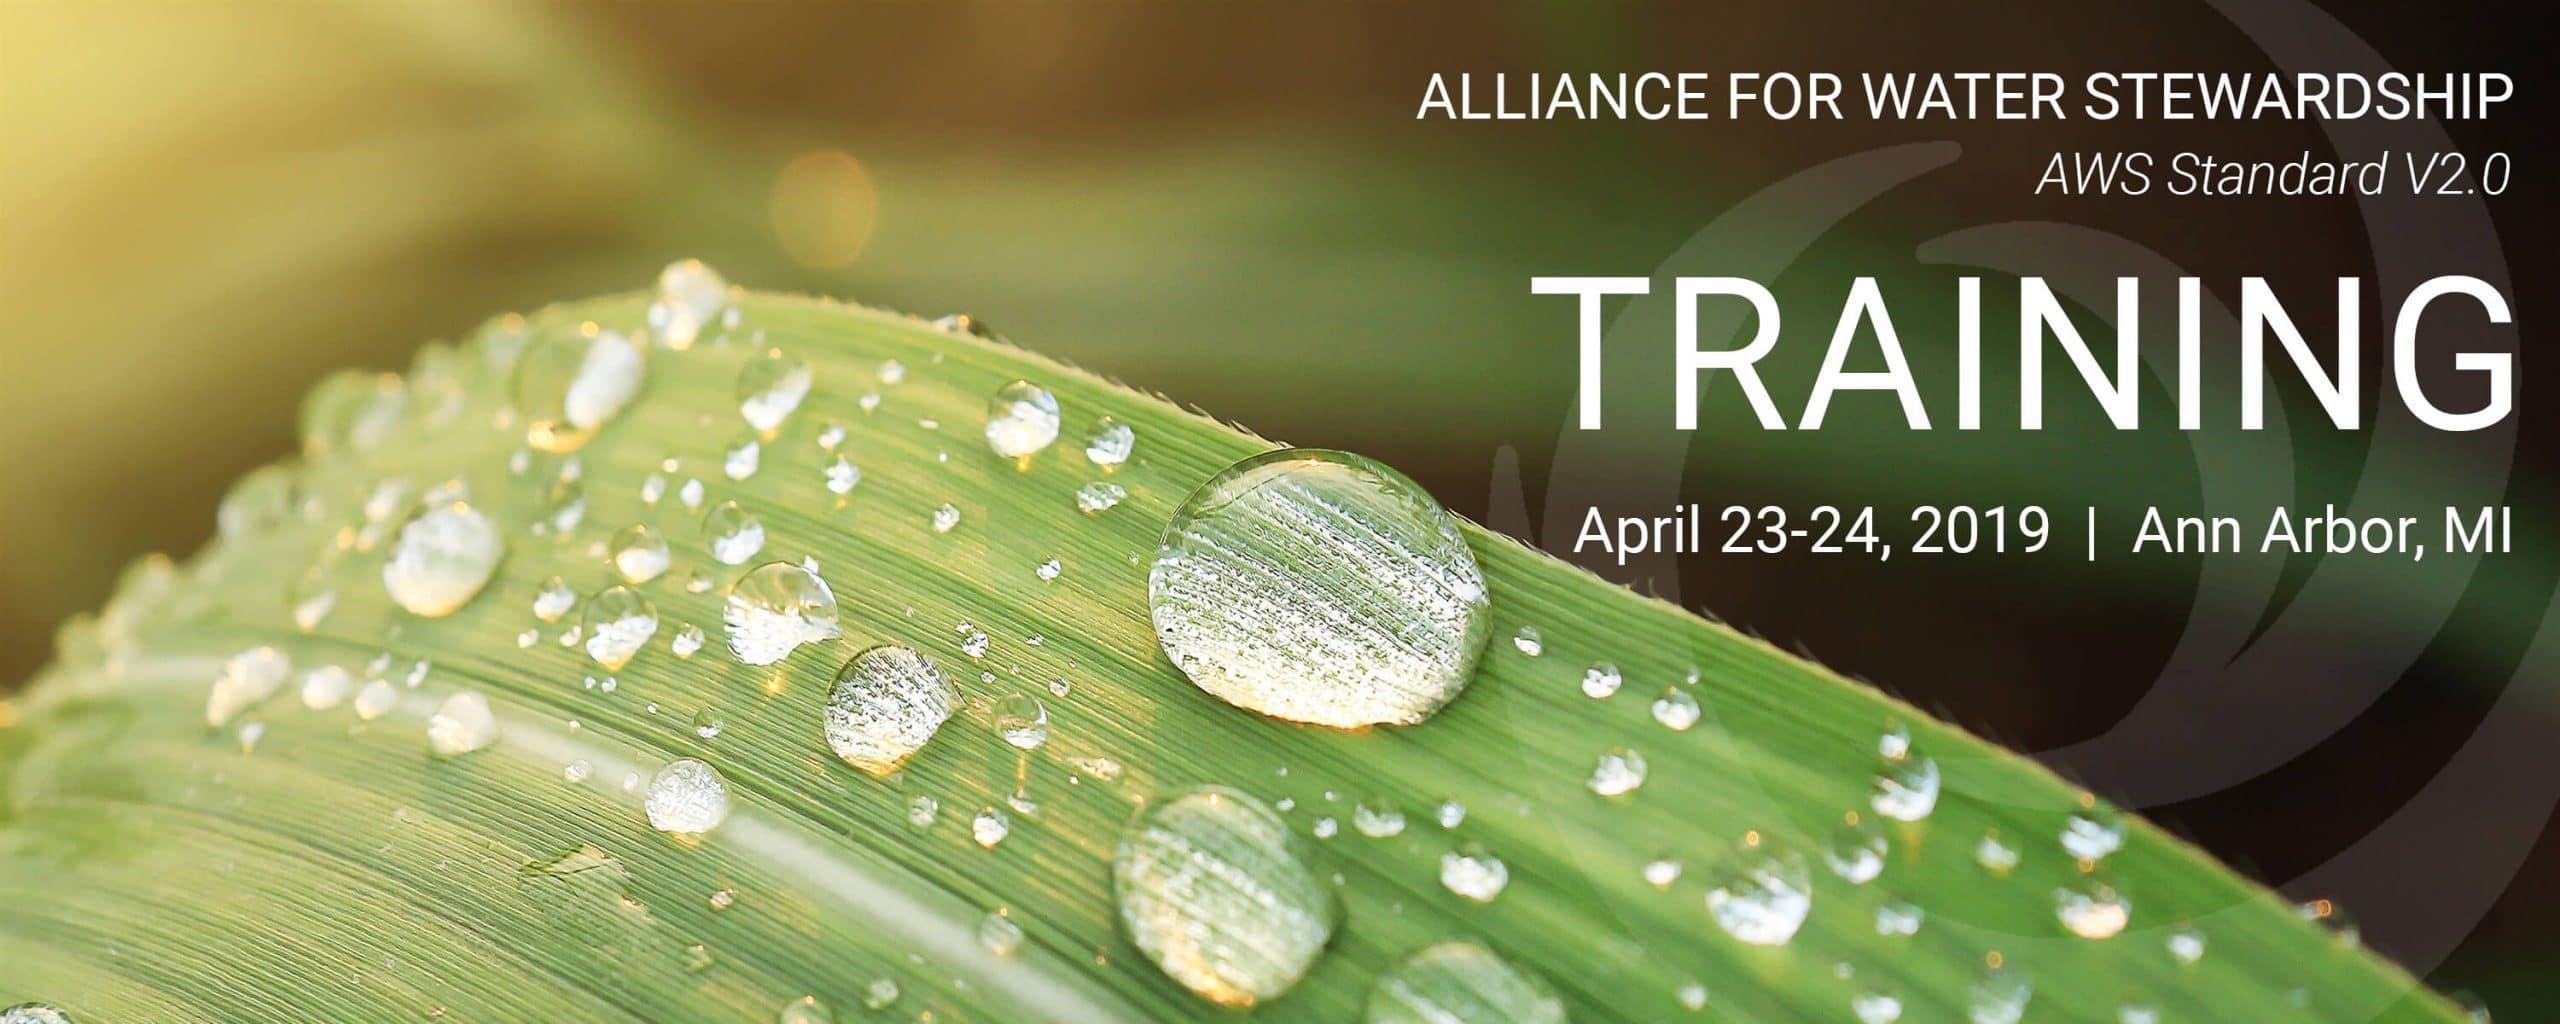 Alliance for Water Stewardship Training (AWS Standard V2 0